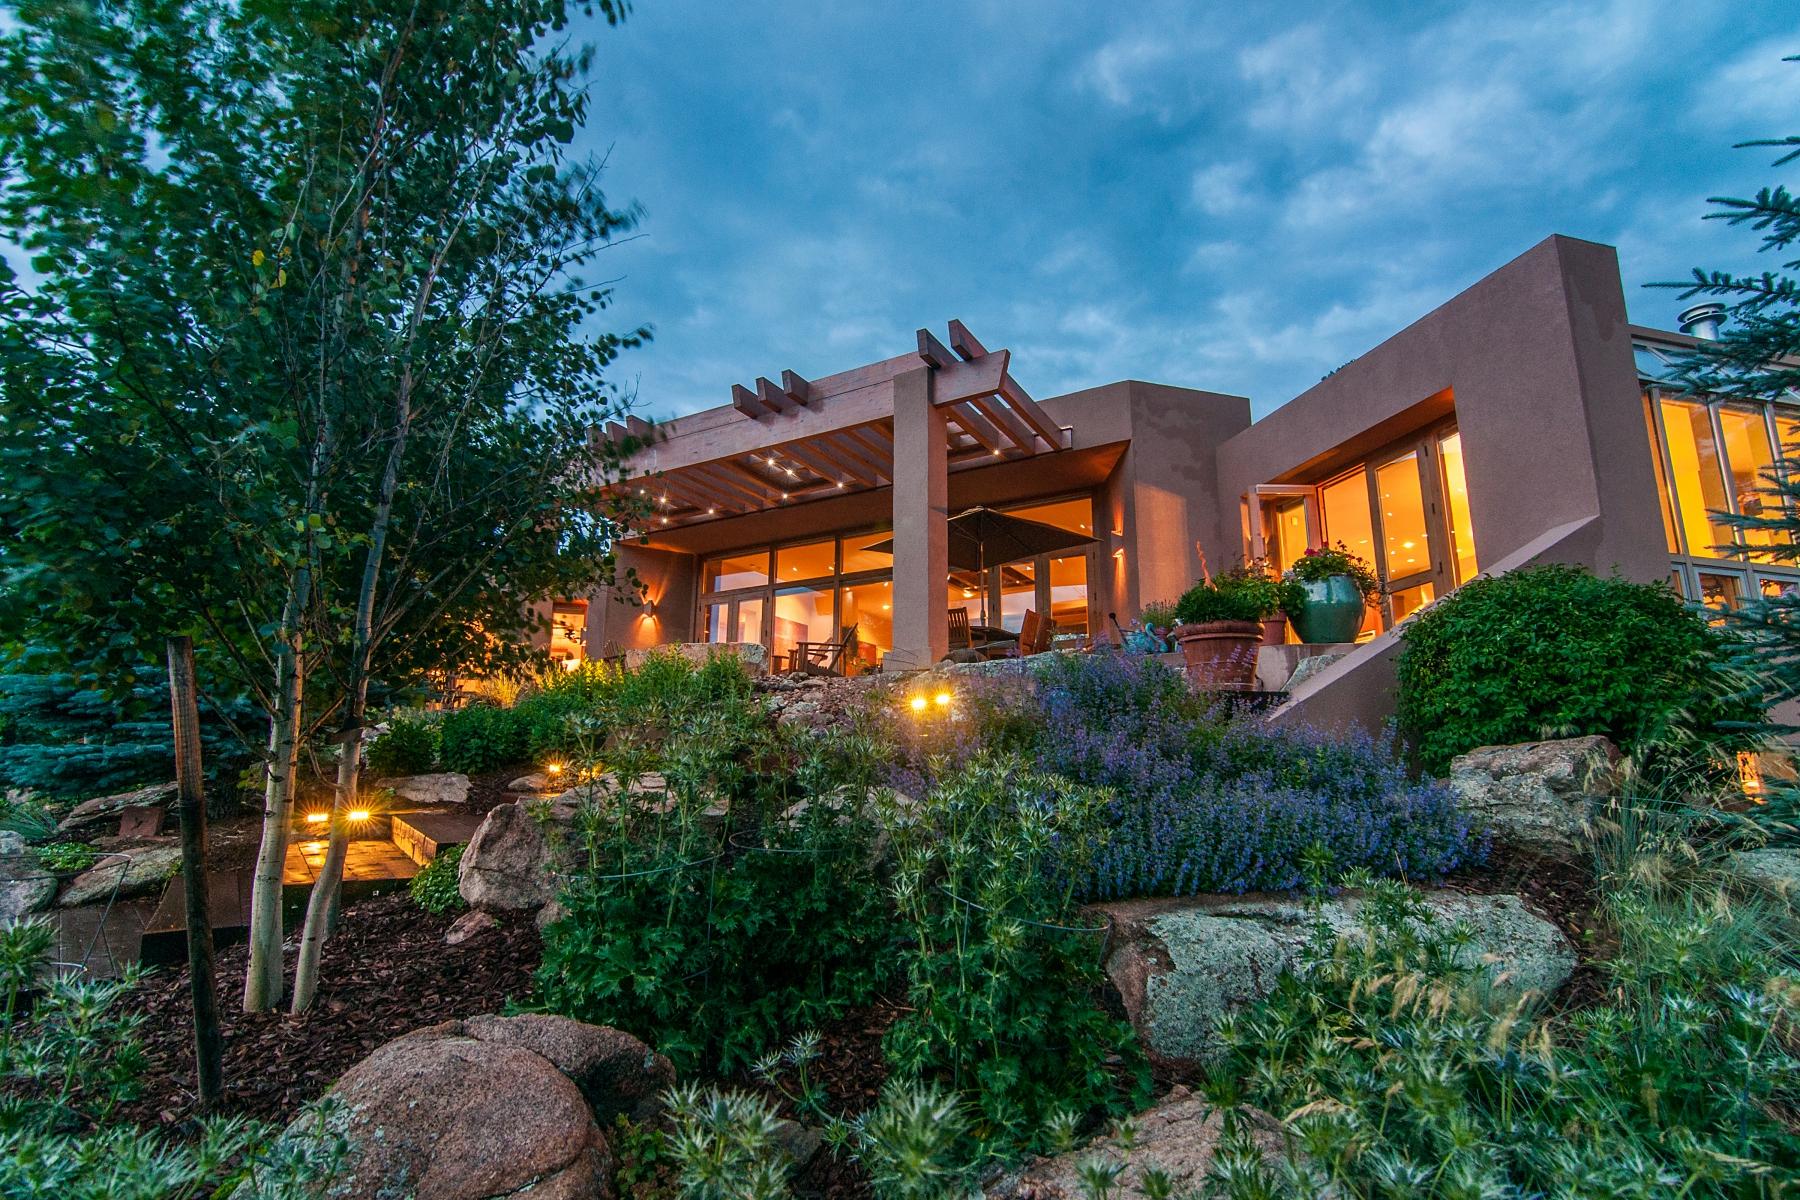 独户住宅 为 销售 在 Custom Mountain Modern Home 630 Sundown Lane Evergreen, 科罗拉多州 80439 美国